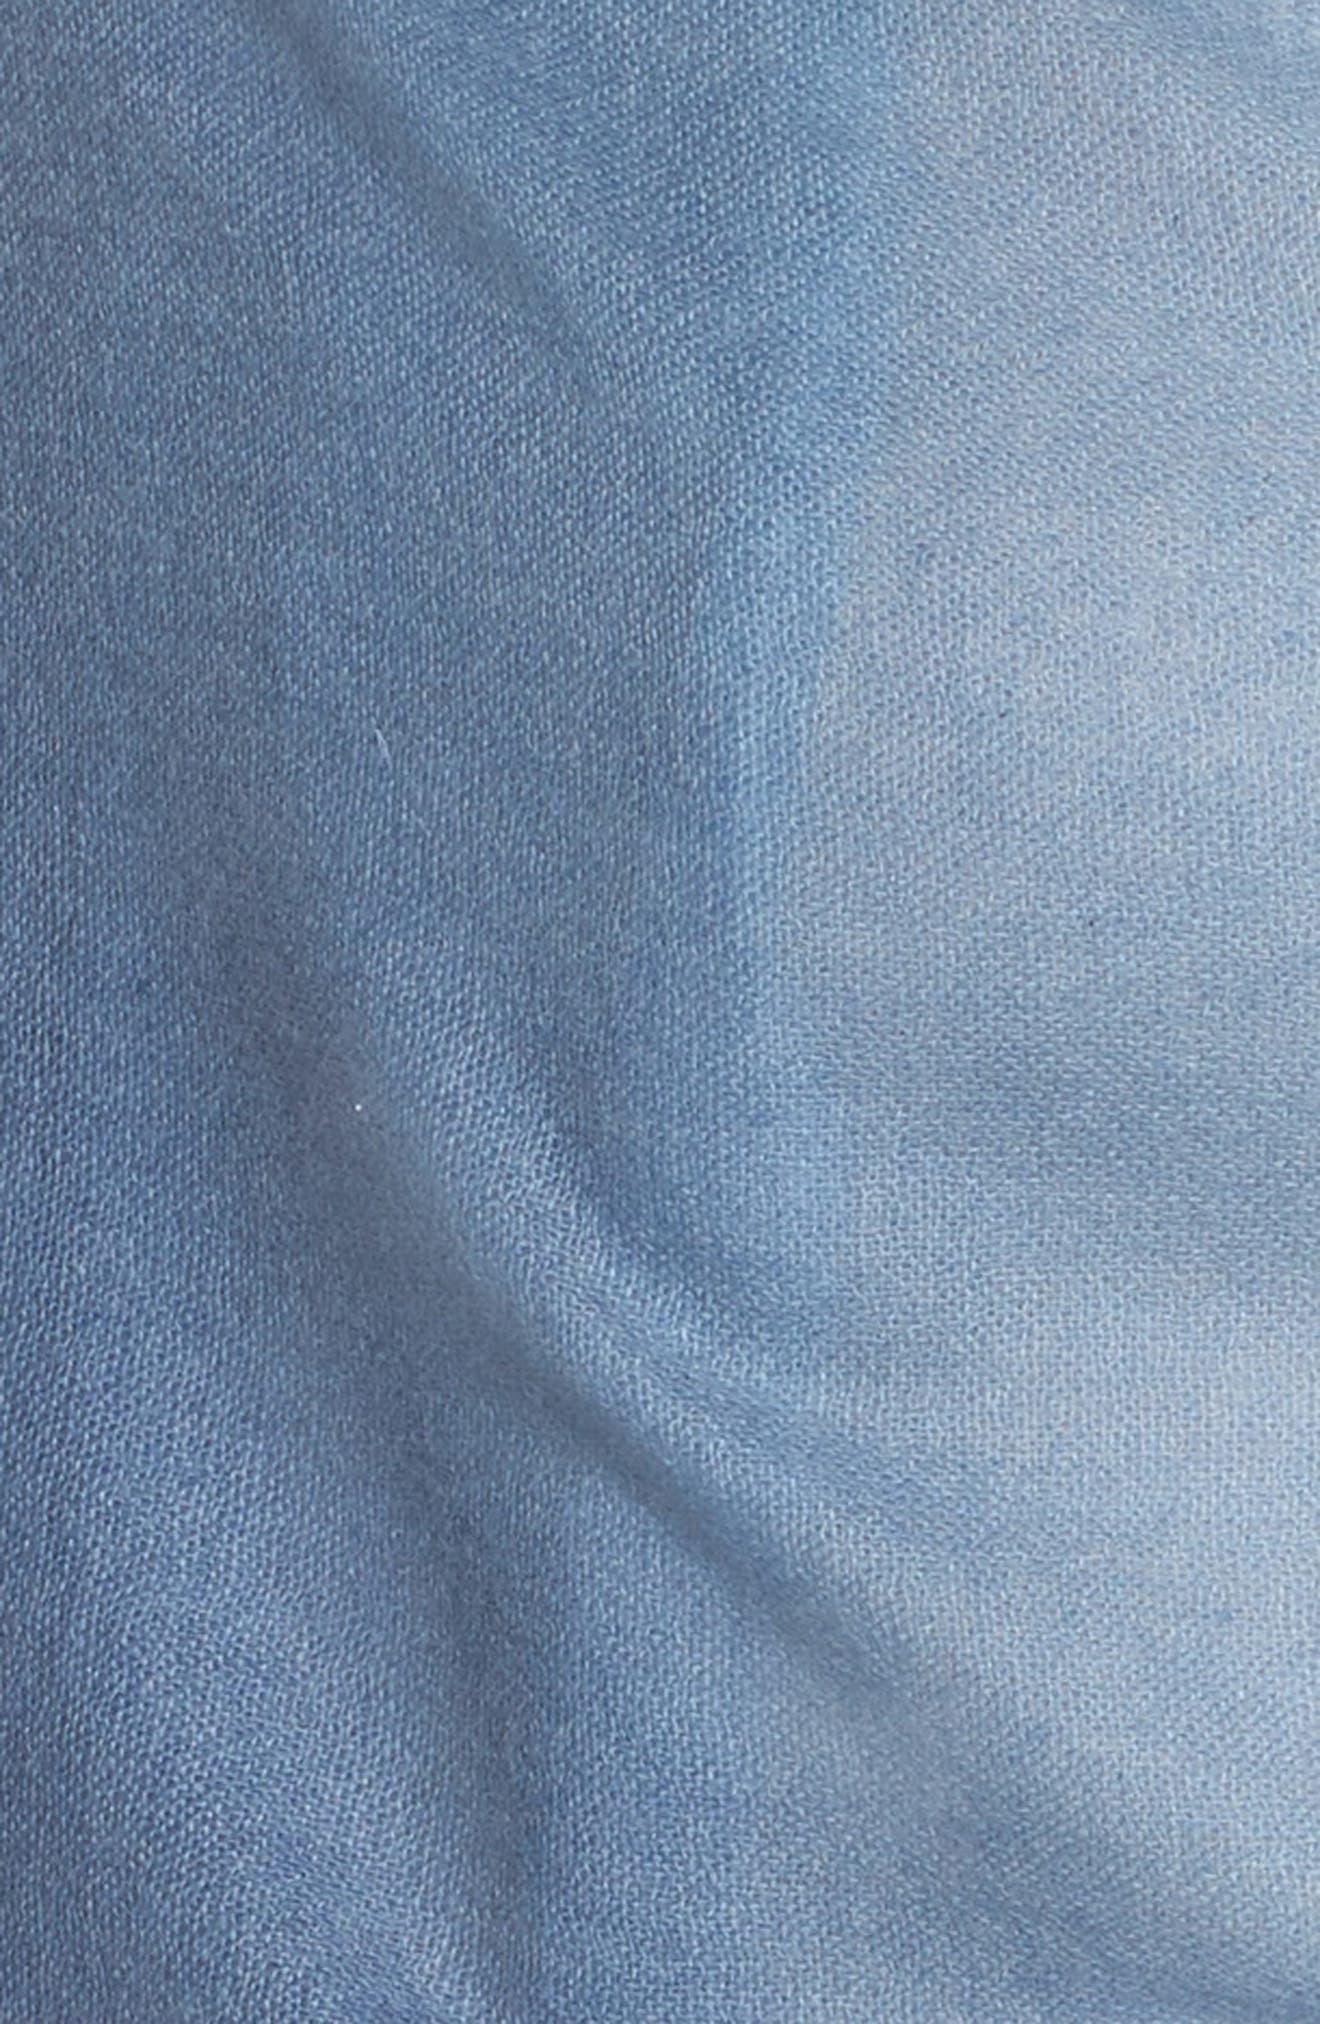 Caslon Dip Dye Cashmere Wrap,                             Alternate thumbnail 5, color,                             Blue Combo